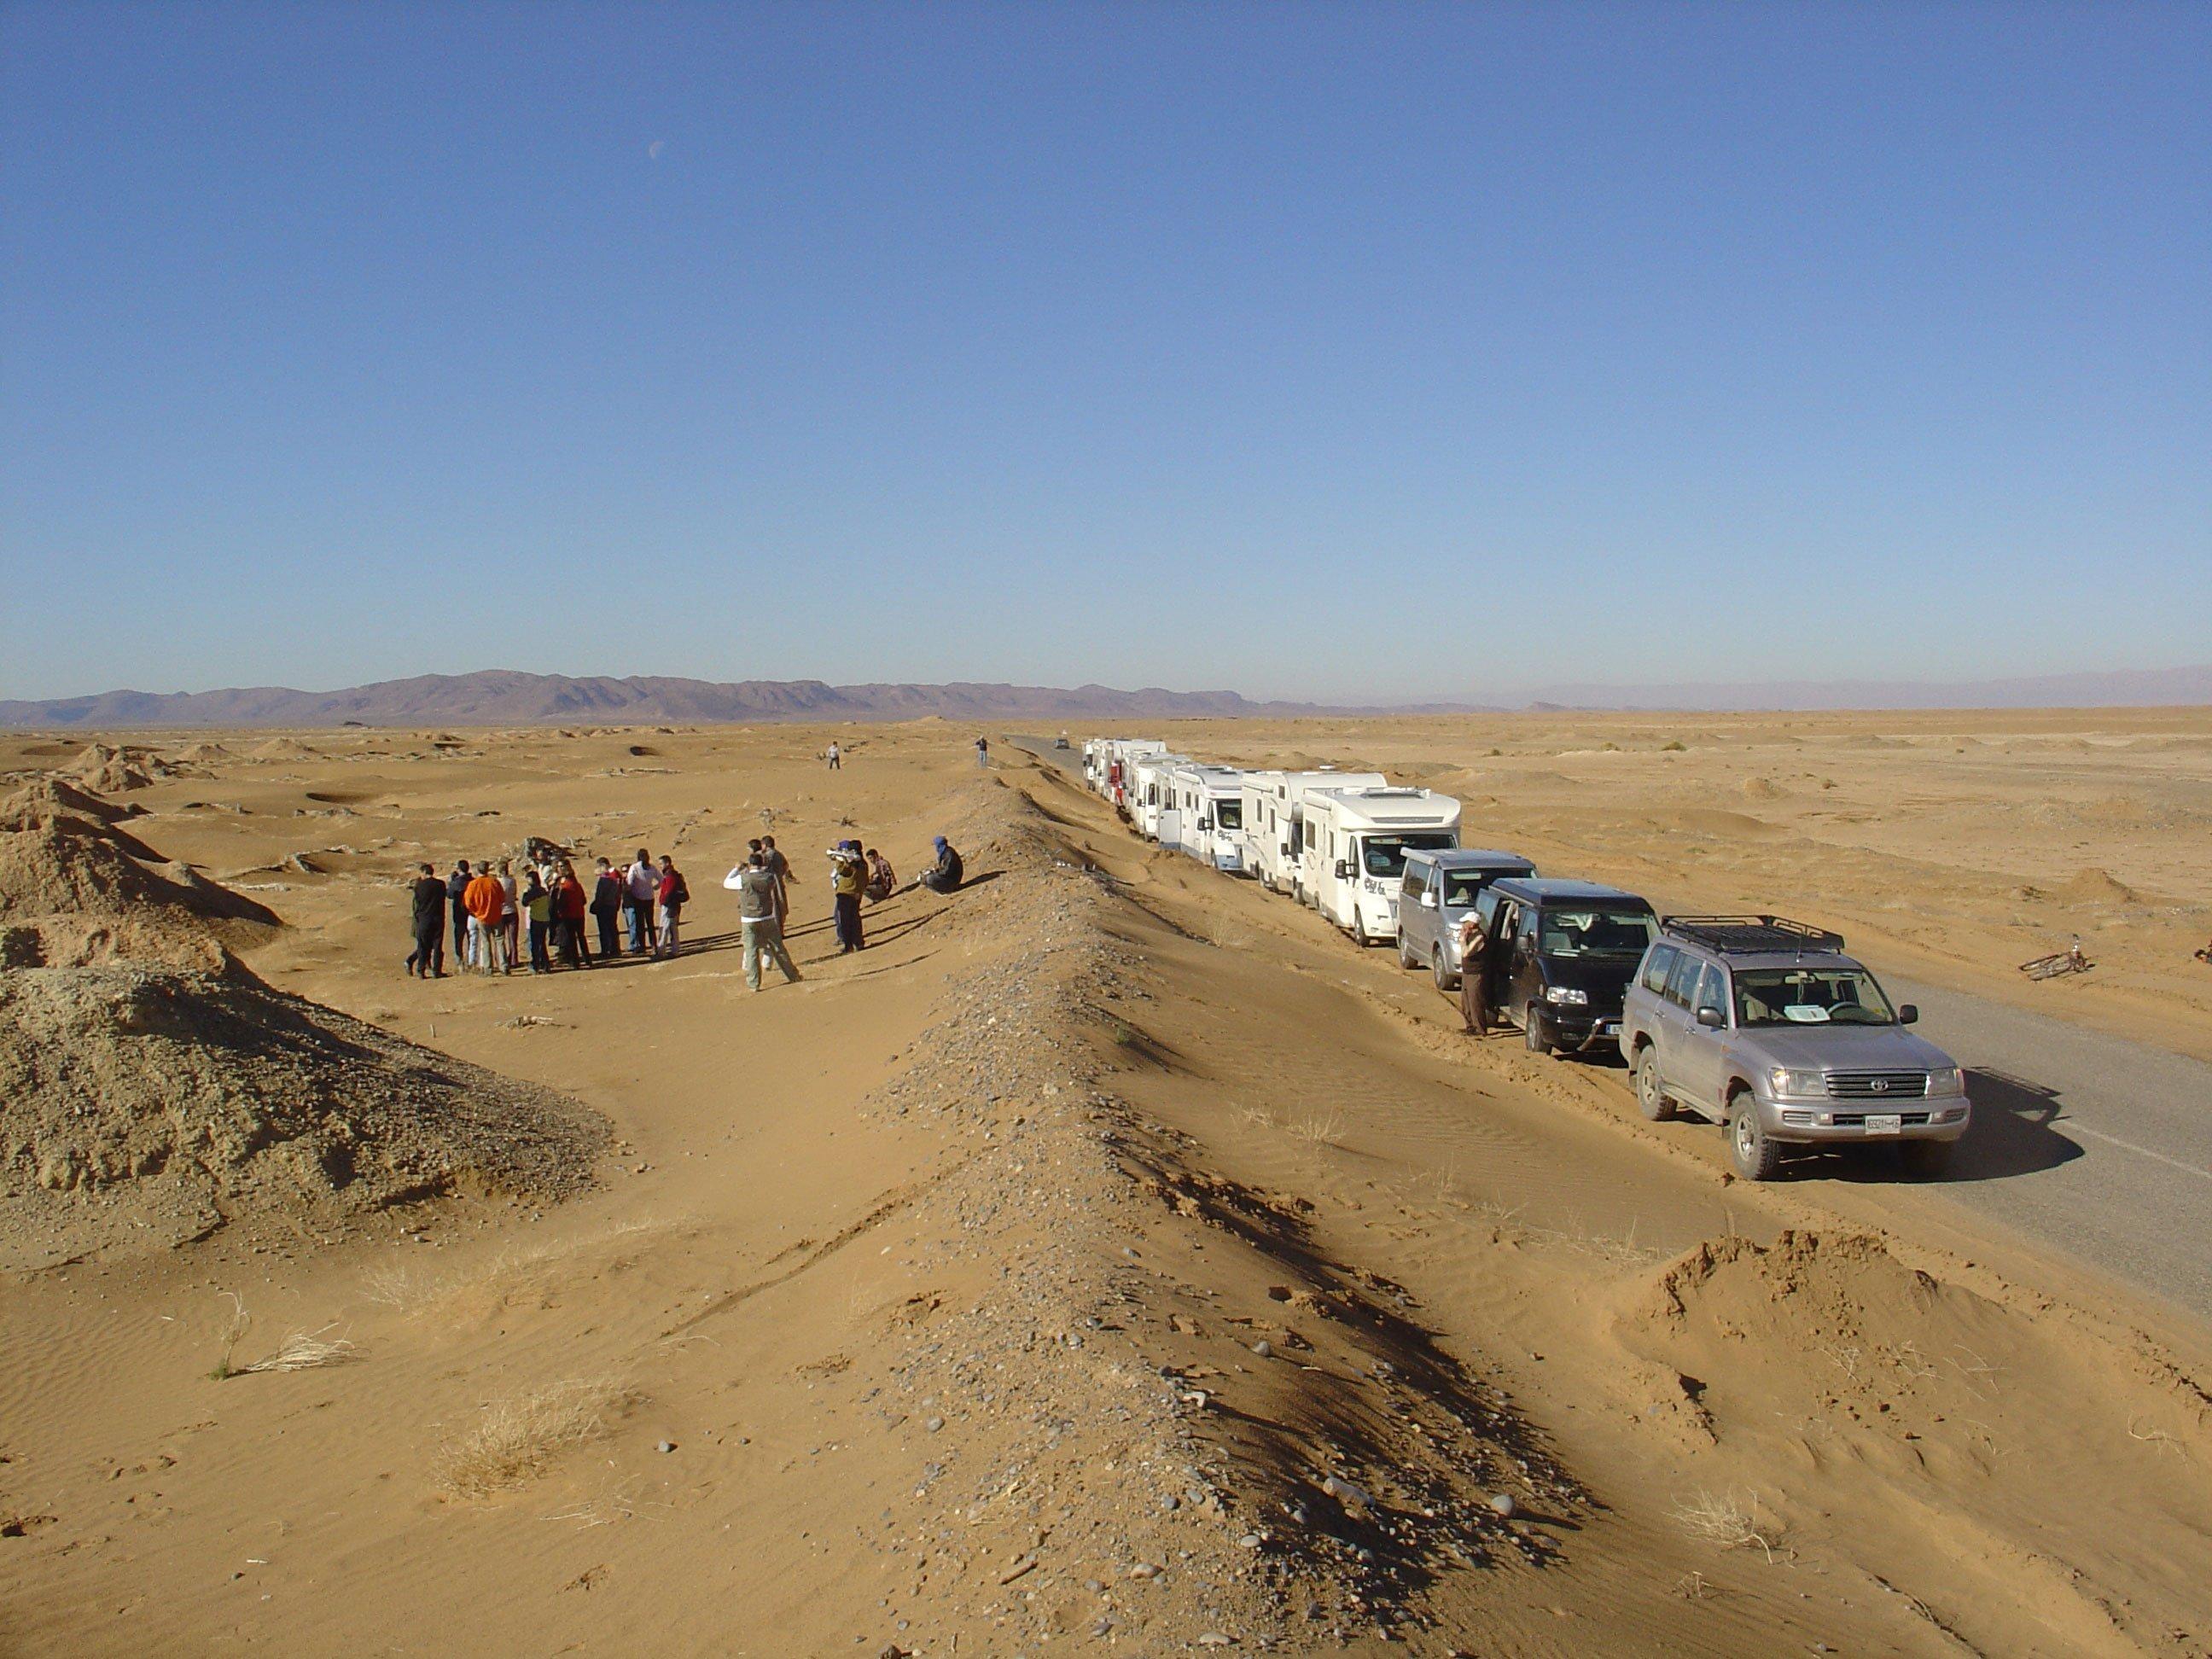 Descubriendo los desiertos de Marruecos en autocaravana